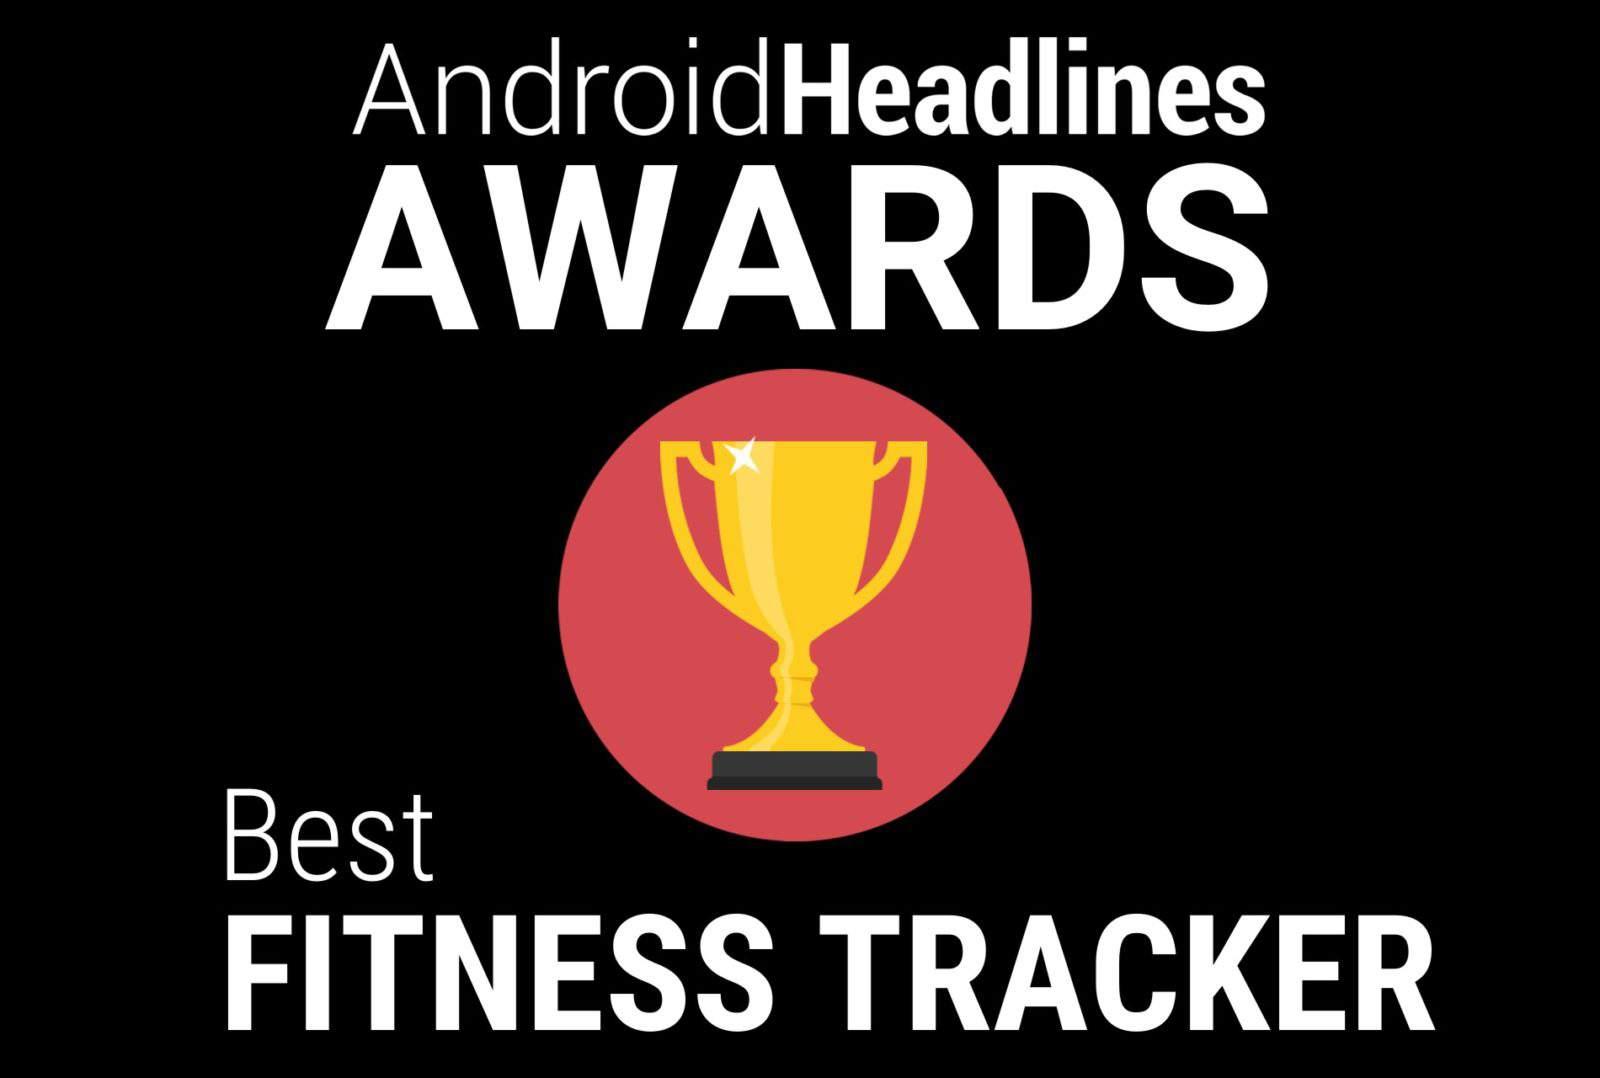 AH Awards - Fitness - Activity Tracker